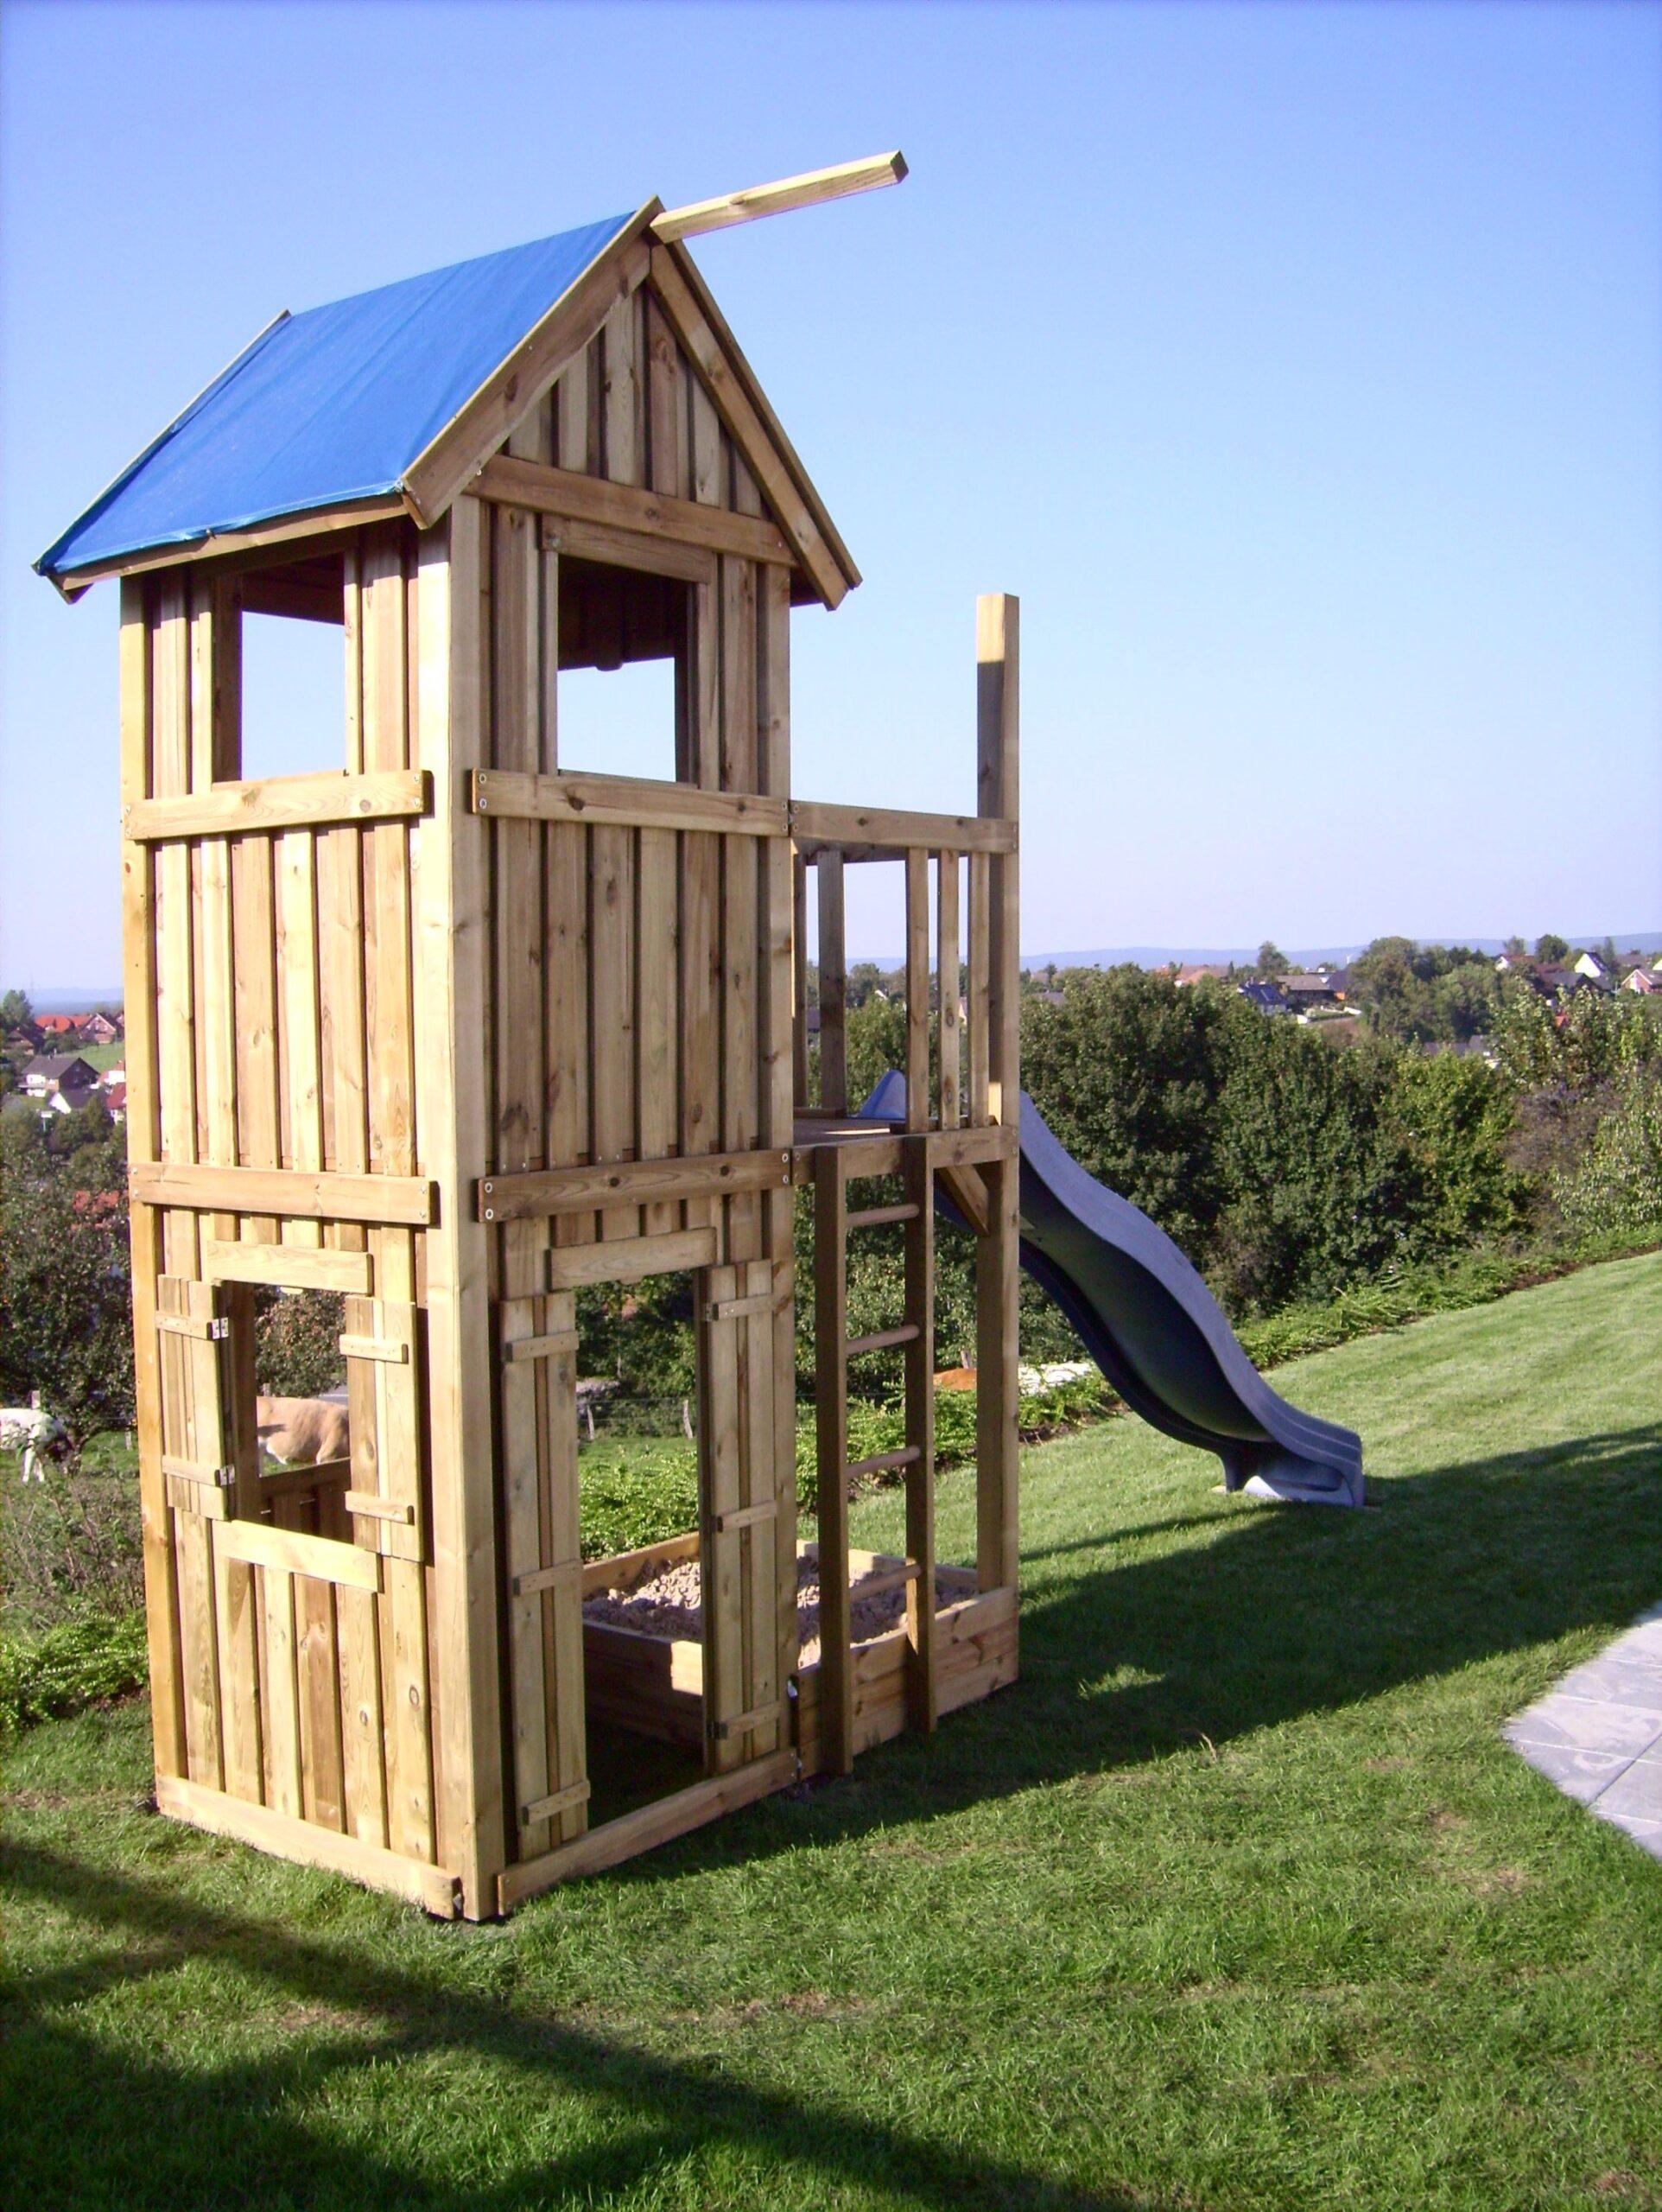 Full Size of Inselküche Abverkauf Spielturm Garten Bad Kinderspielturm Wohnzimmer Spielturm Abverkauf